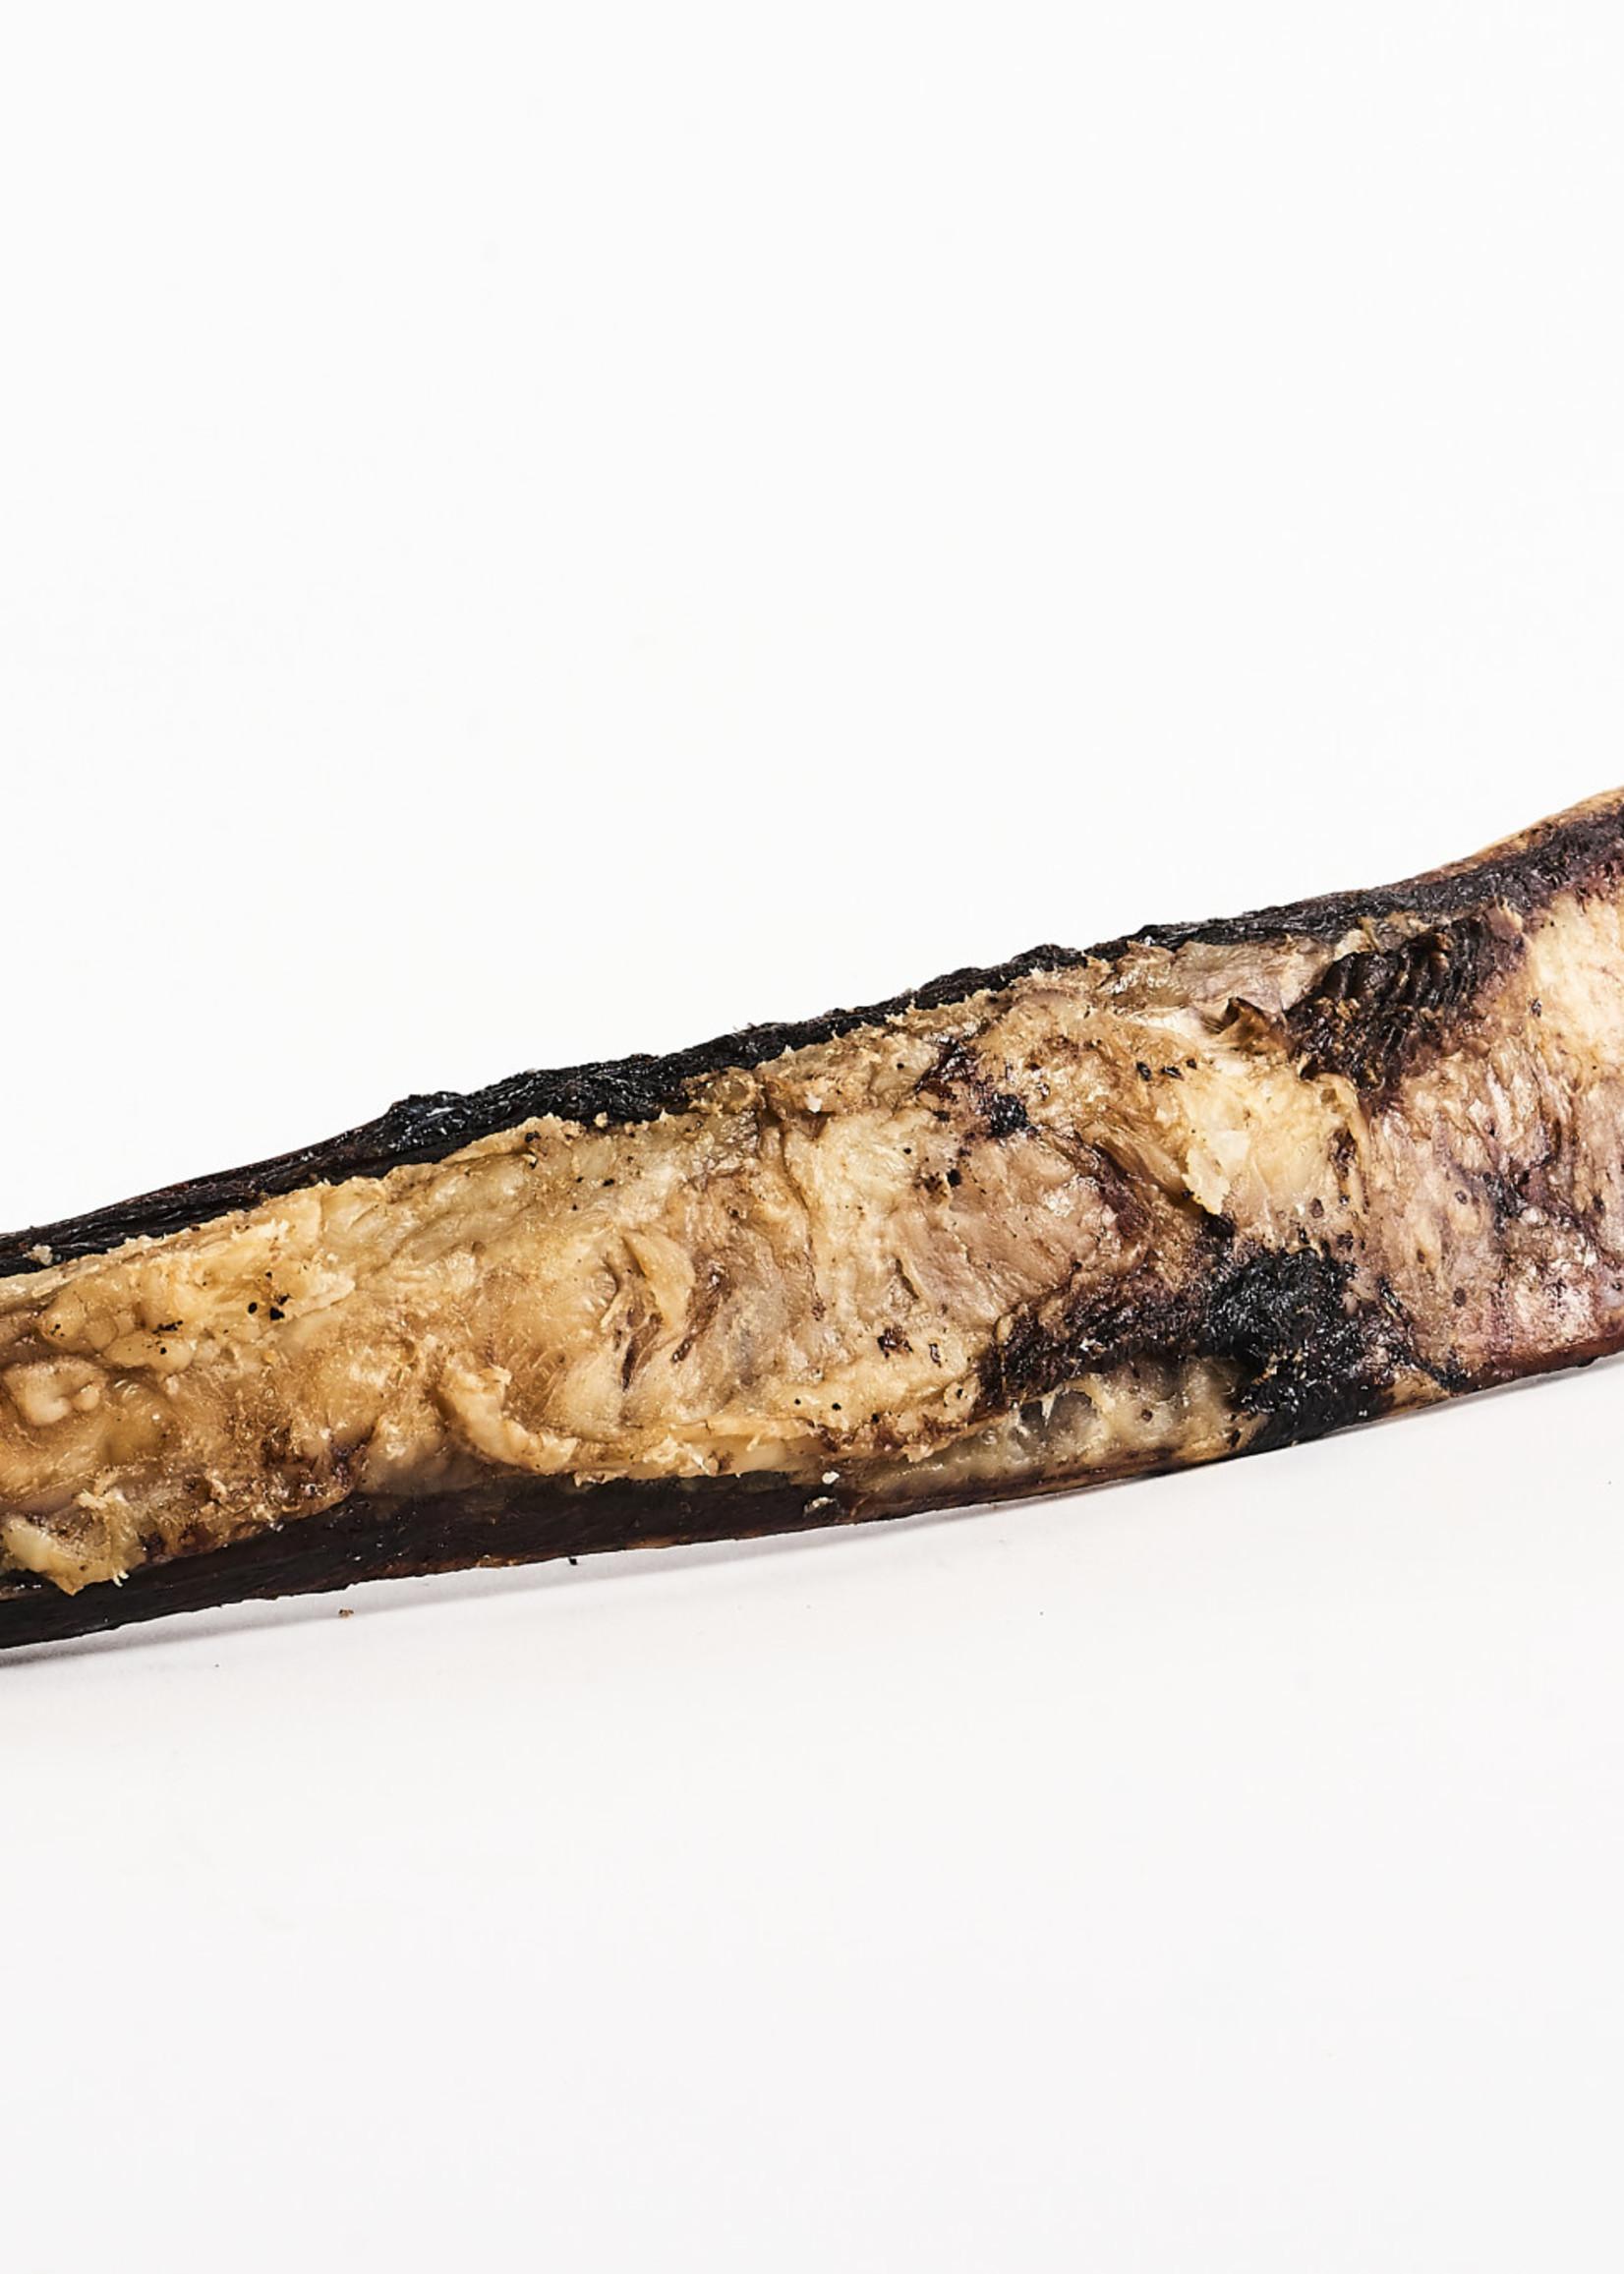 Artisan Farms® Artisan Farms Smoked Rib Bone